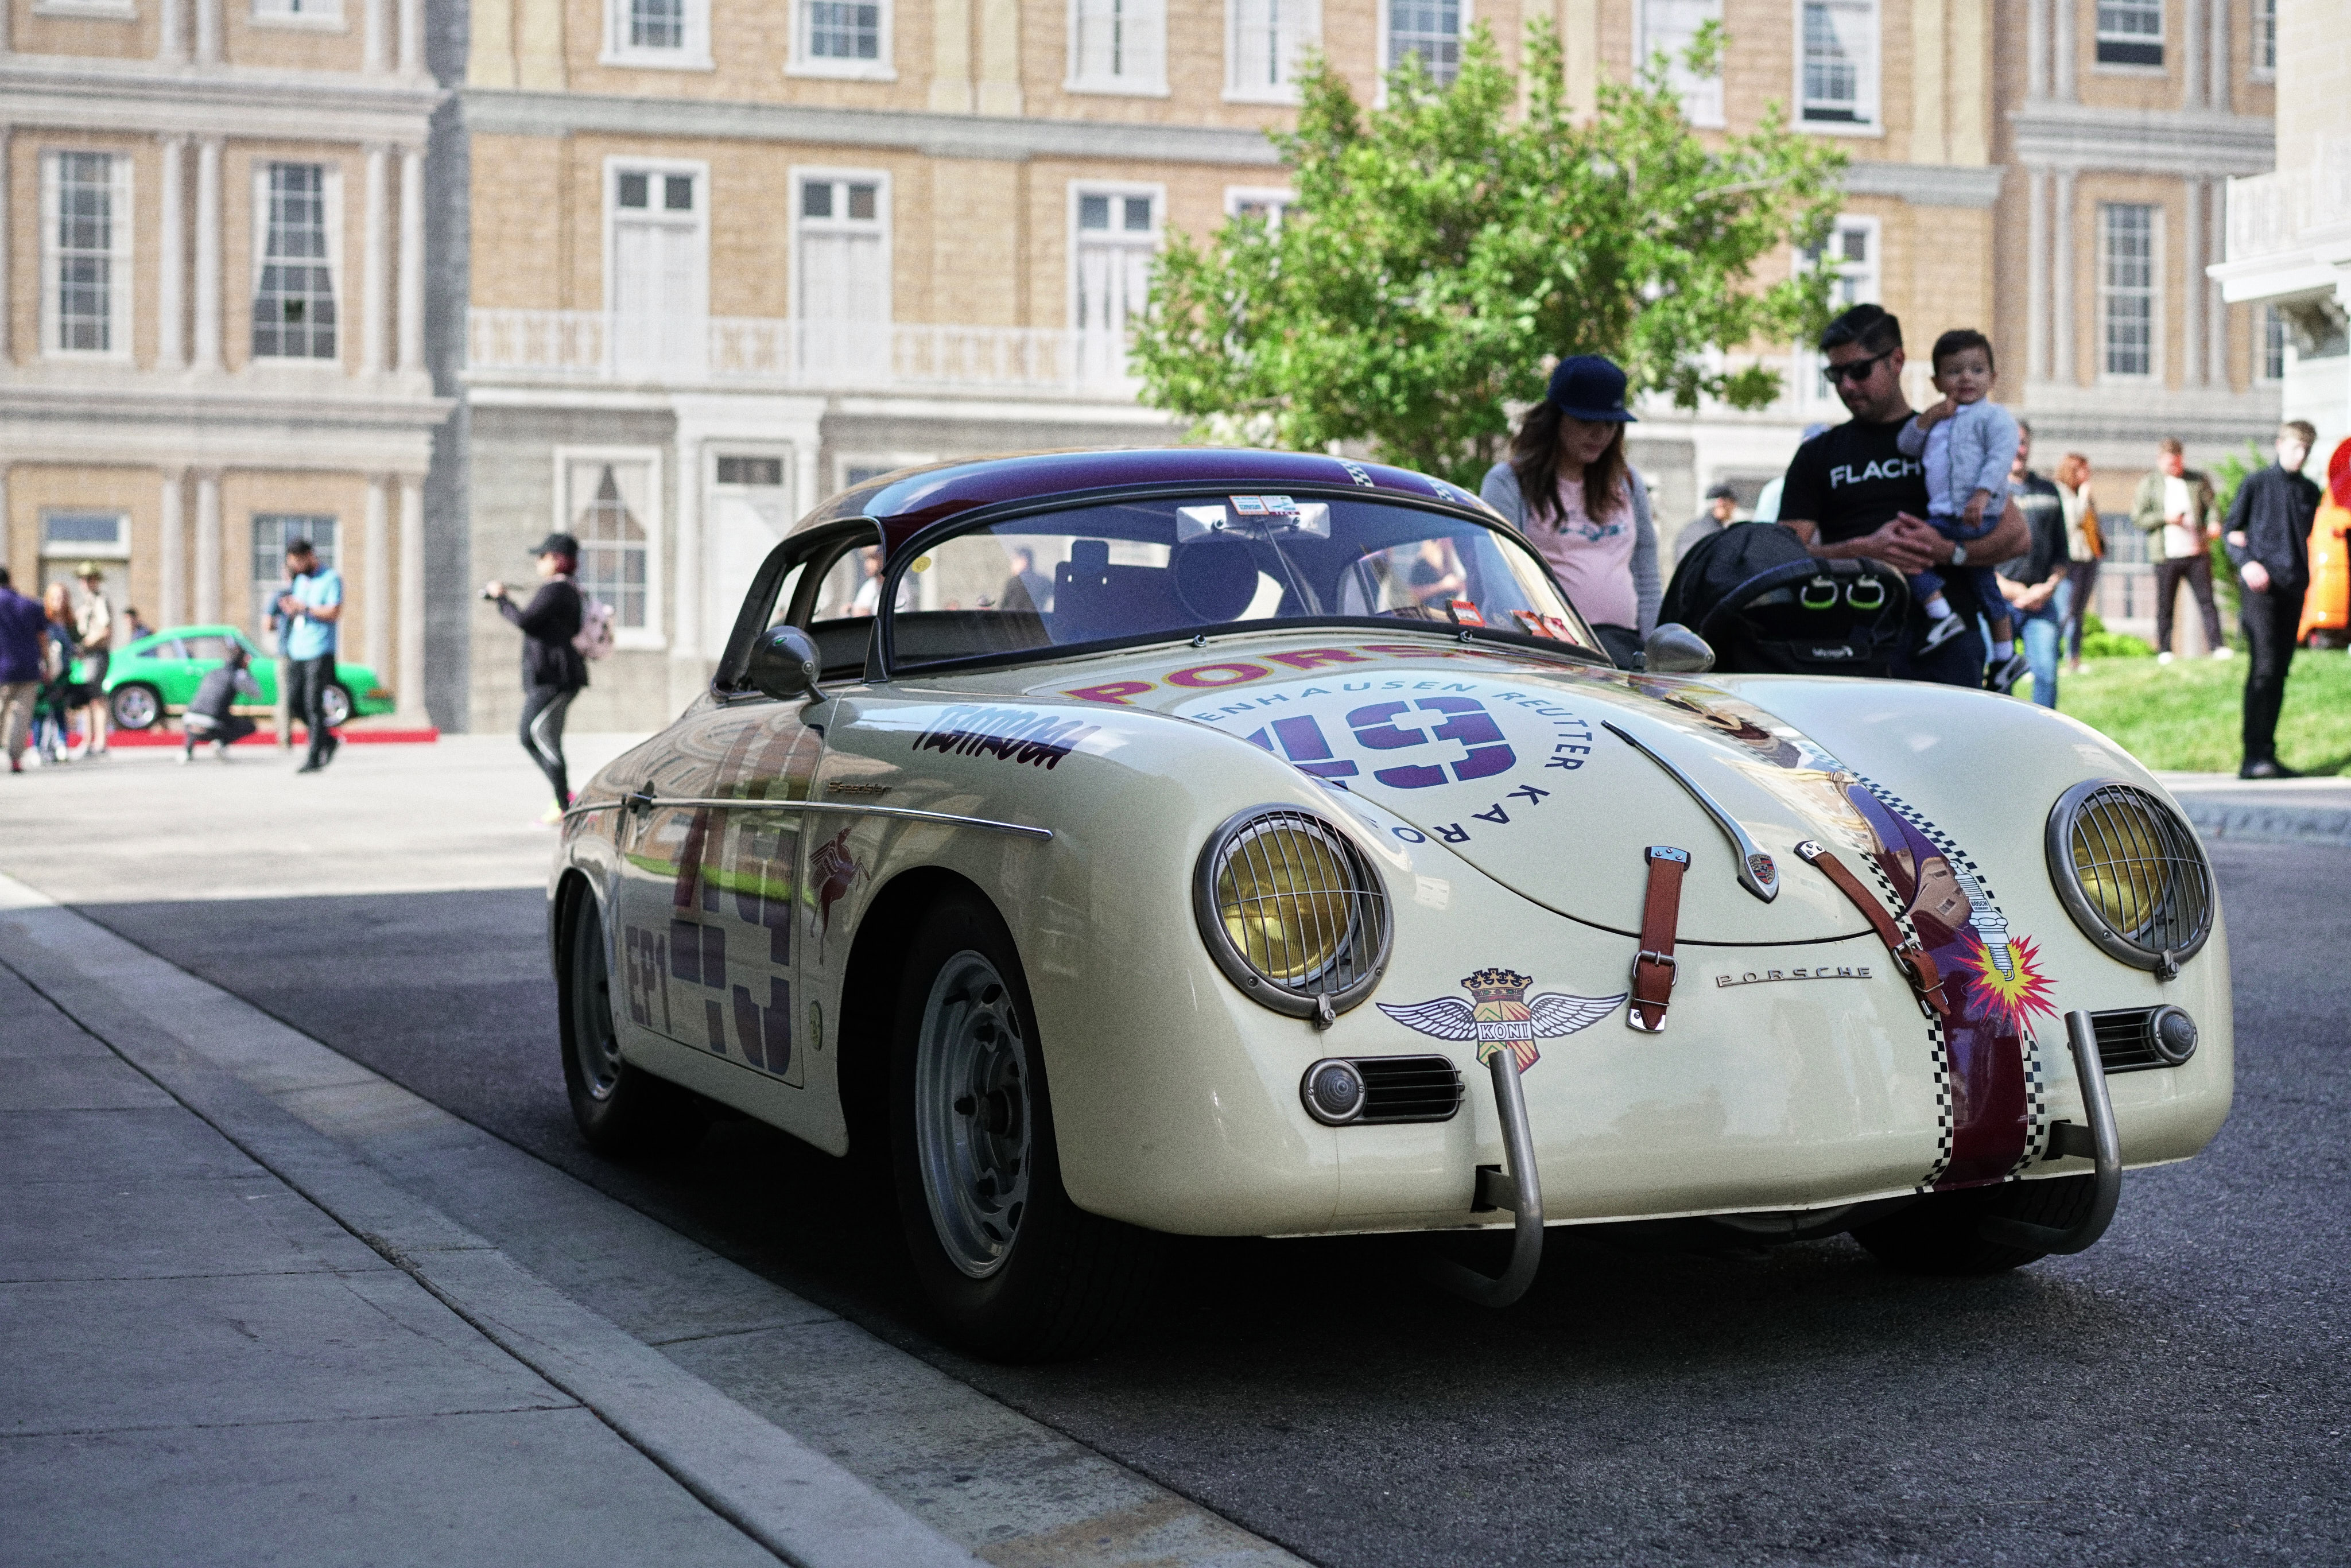 Luftgekühlt-6-Rennen-33-Porsche-356-1957-Testirosa-Speedster-R-Front